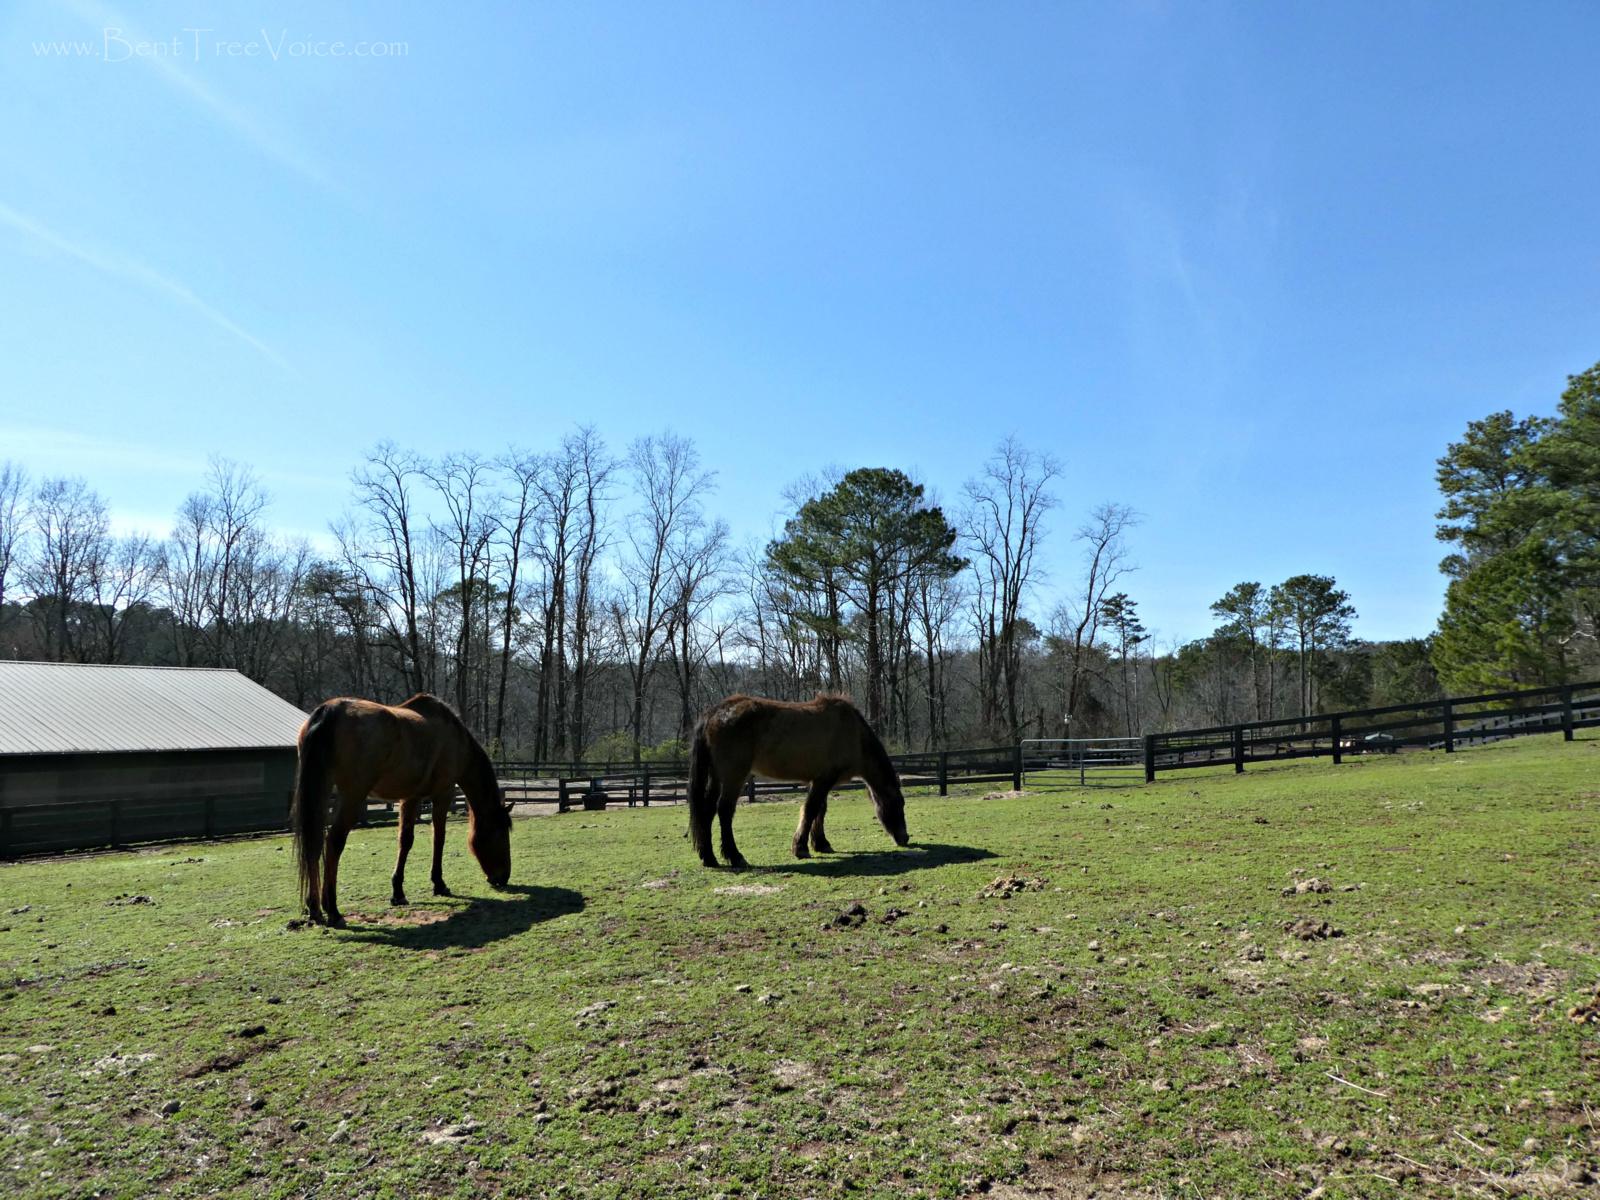 February 22, 2020 - Horses at Bent Tree